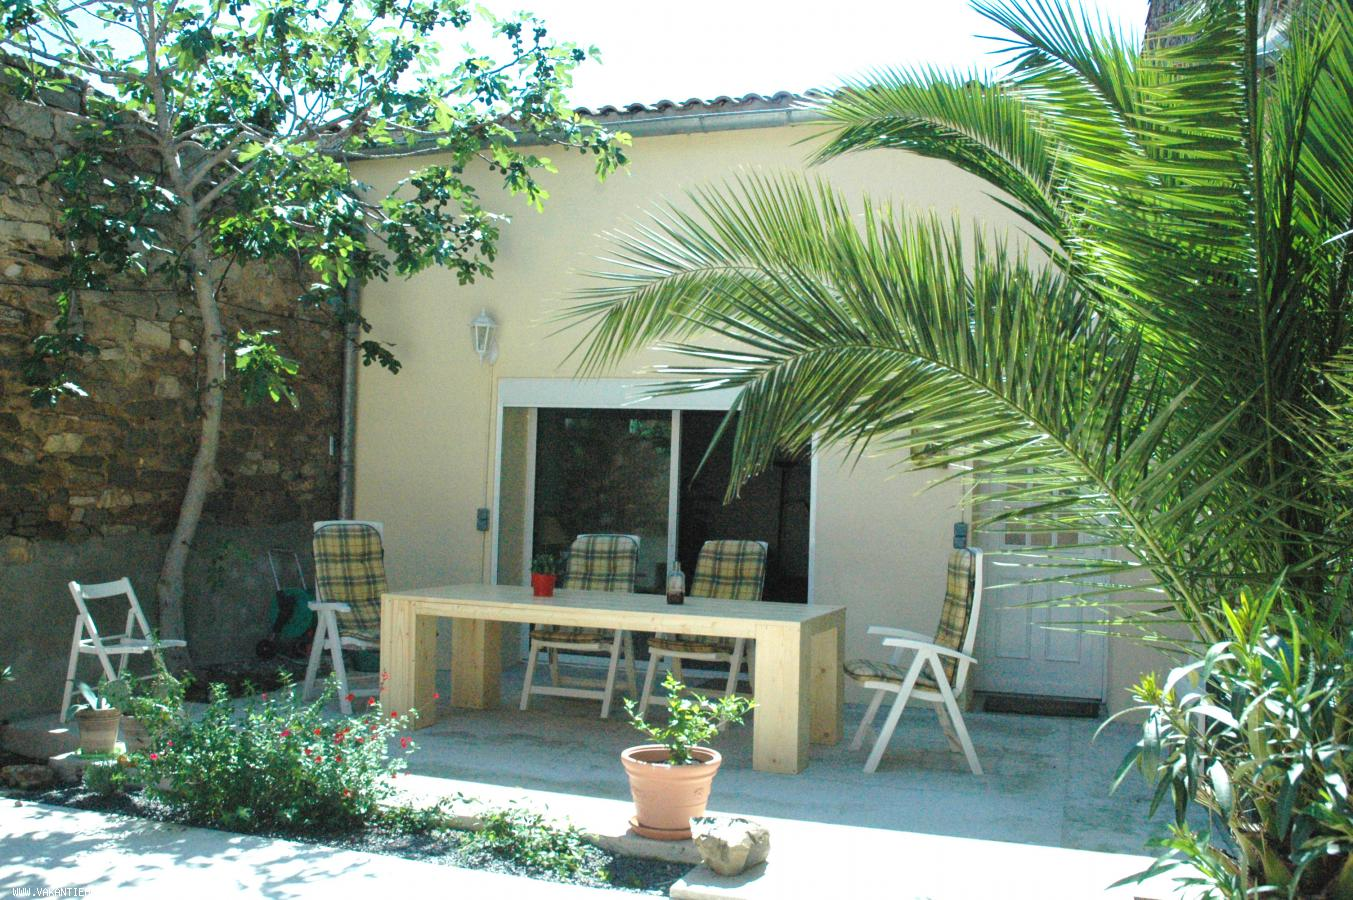 Vakantiehuis: Comfortabele vakantiewoning in authentiek Zuid-Frans wijndorp. Nabij Middellandse zee. te huur voor uw vakantie in Aude (Frankrijk)